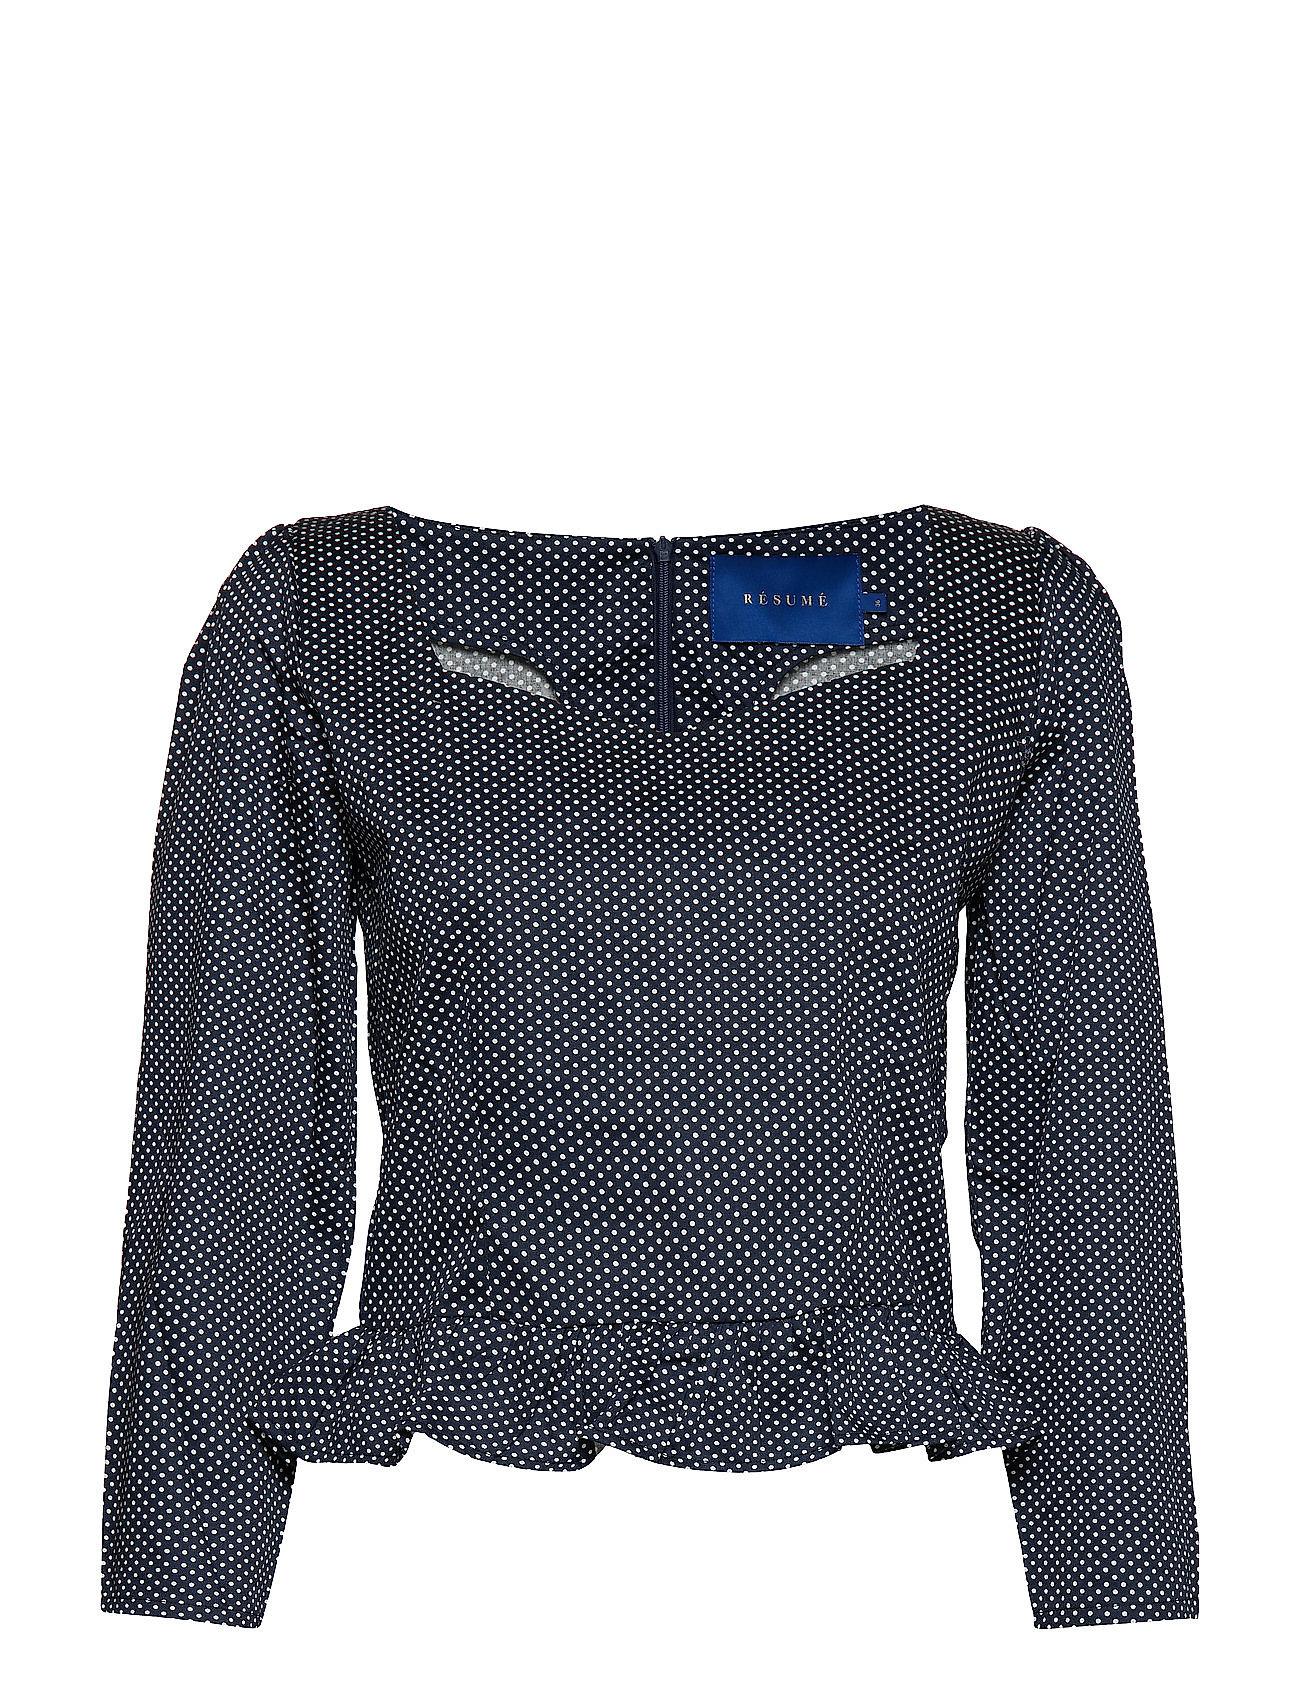 Résumé Morise blouse - NAVY